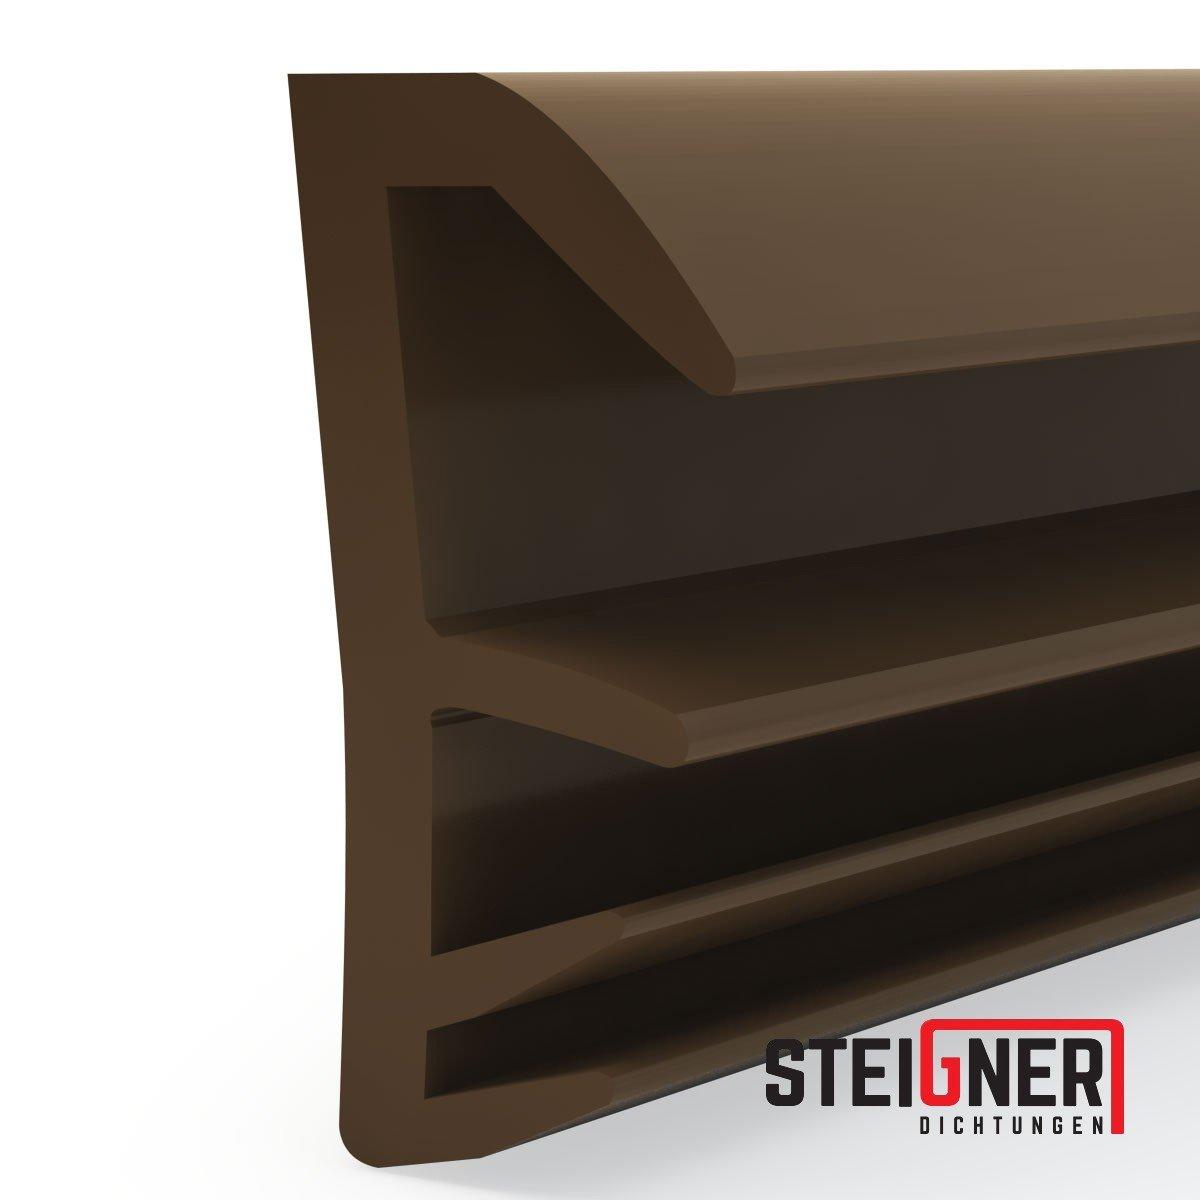 STEIGNER Fl/ügelfalzdichtung Fensterdichtung Nutbreite 5mm aus TPE SFD14 Weiss 5m